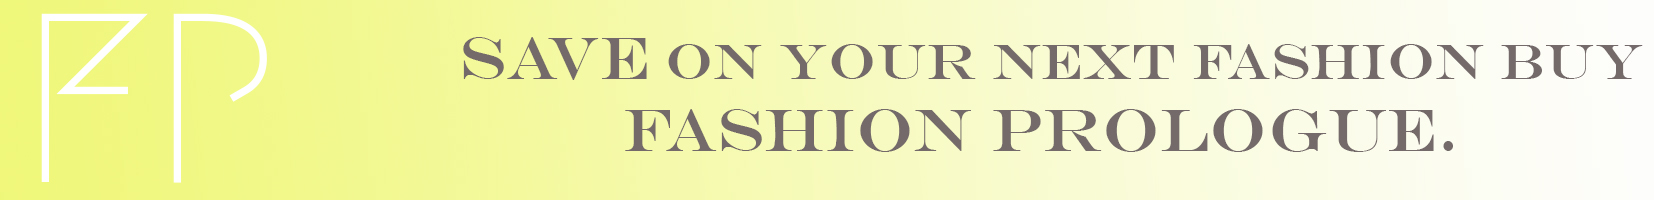 Fashion Prologue - save on fashion banner.jpg